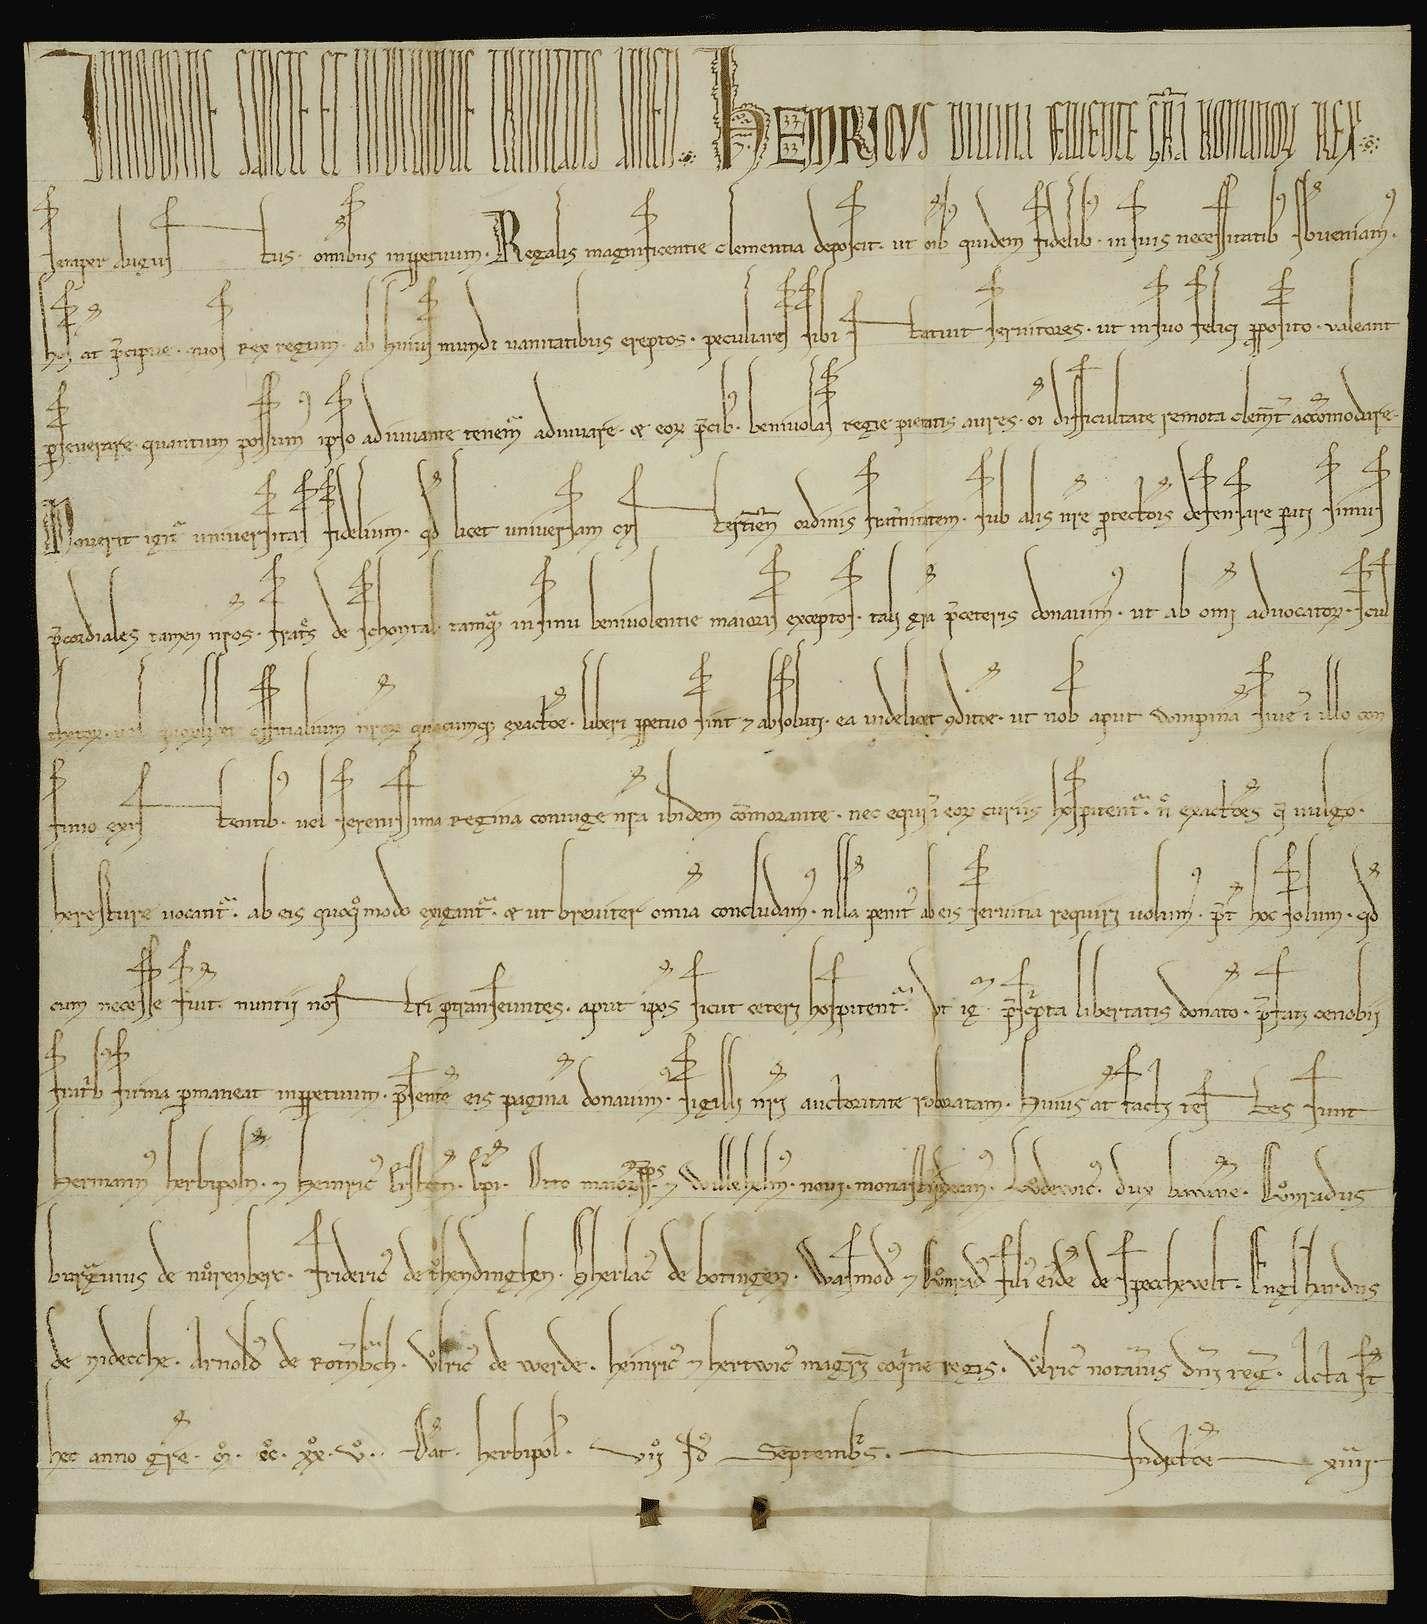 König Heinrich VII. befreit das Kloster Schöntal von allen ihm und seinen Beamten schuldigen Diensten und Abgaben mit Ausnahme der Verpflichtung, seine durchreisenden Boten zu beherbergen., Bild 1